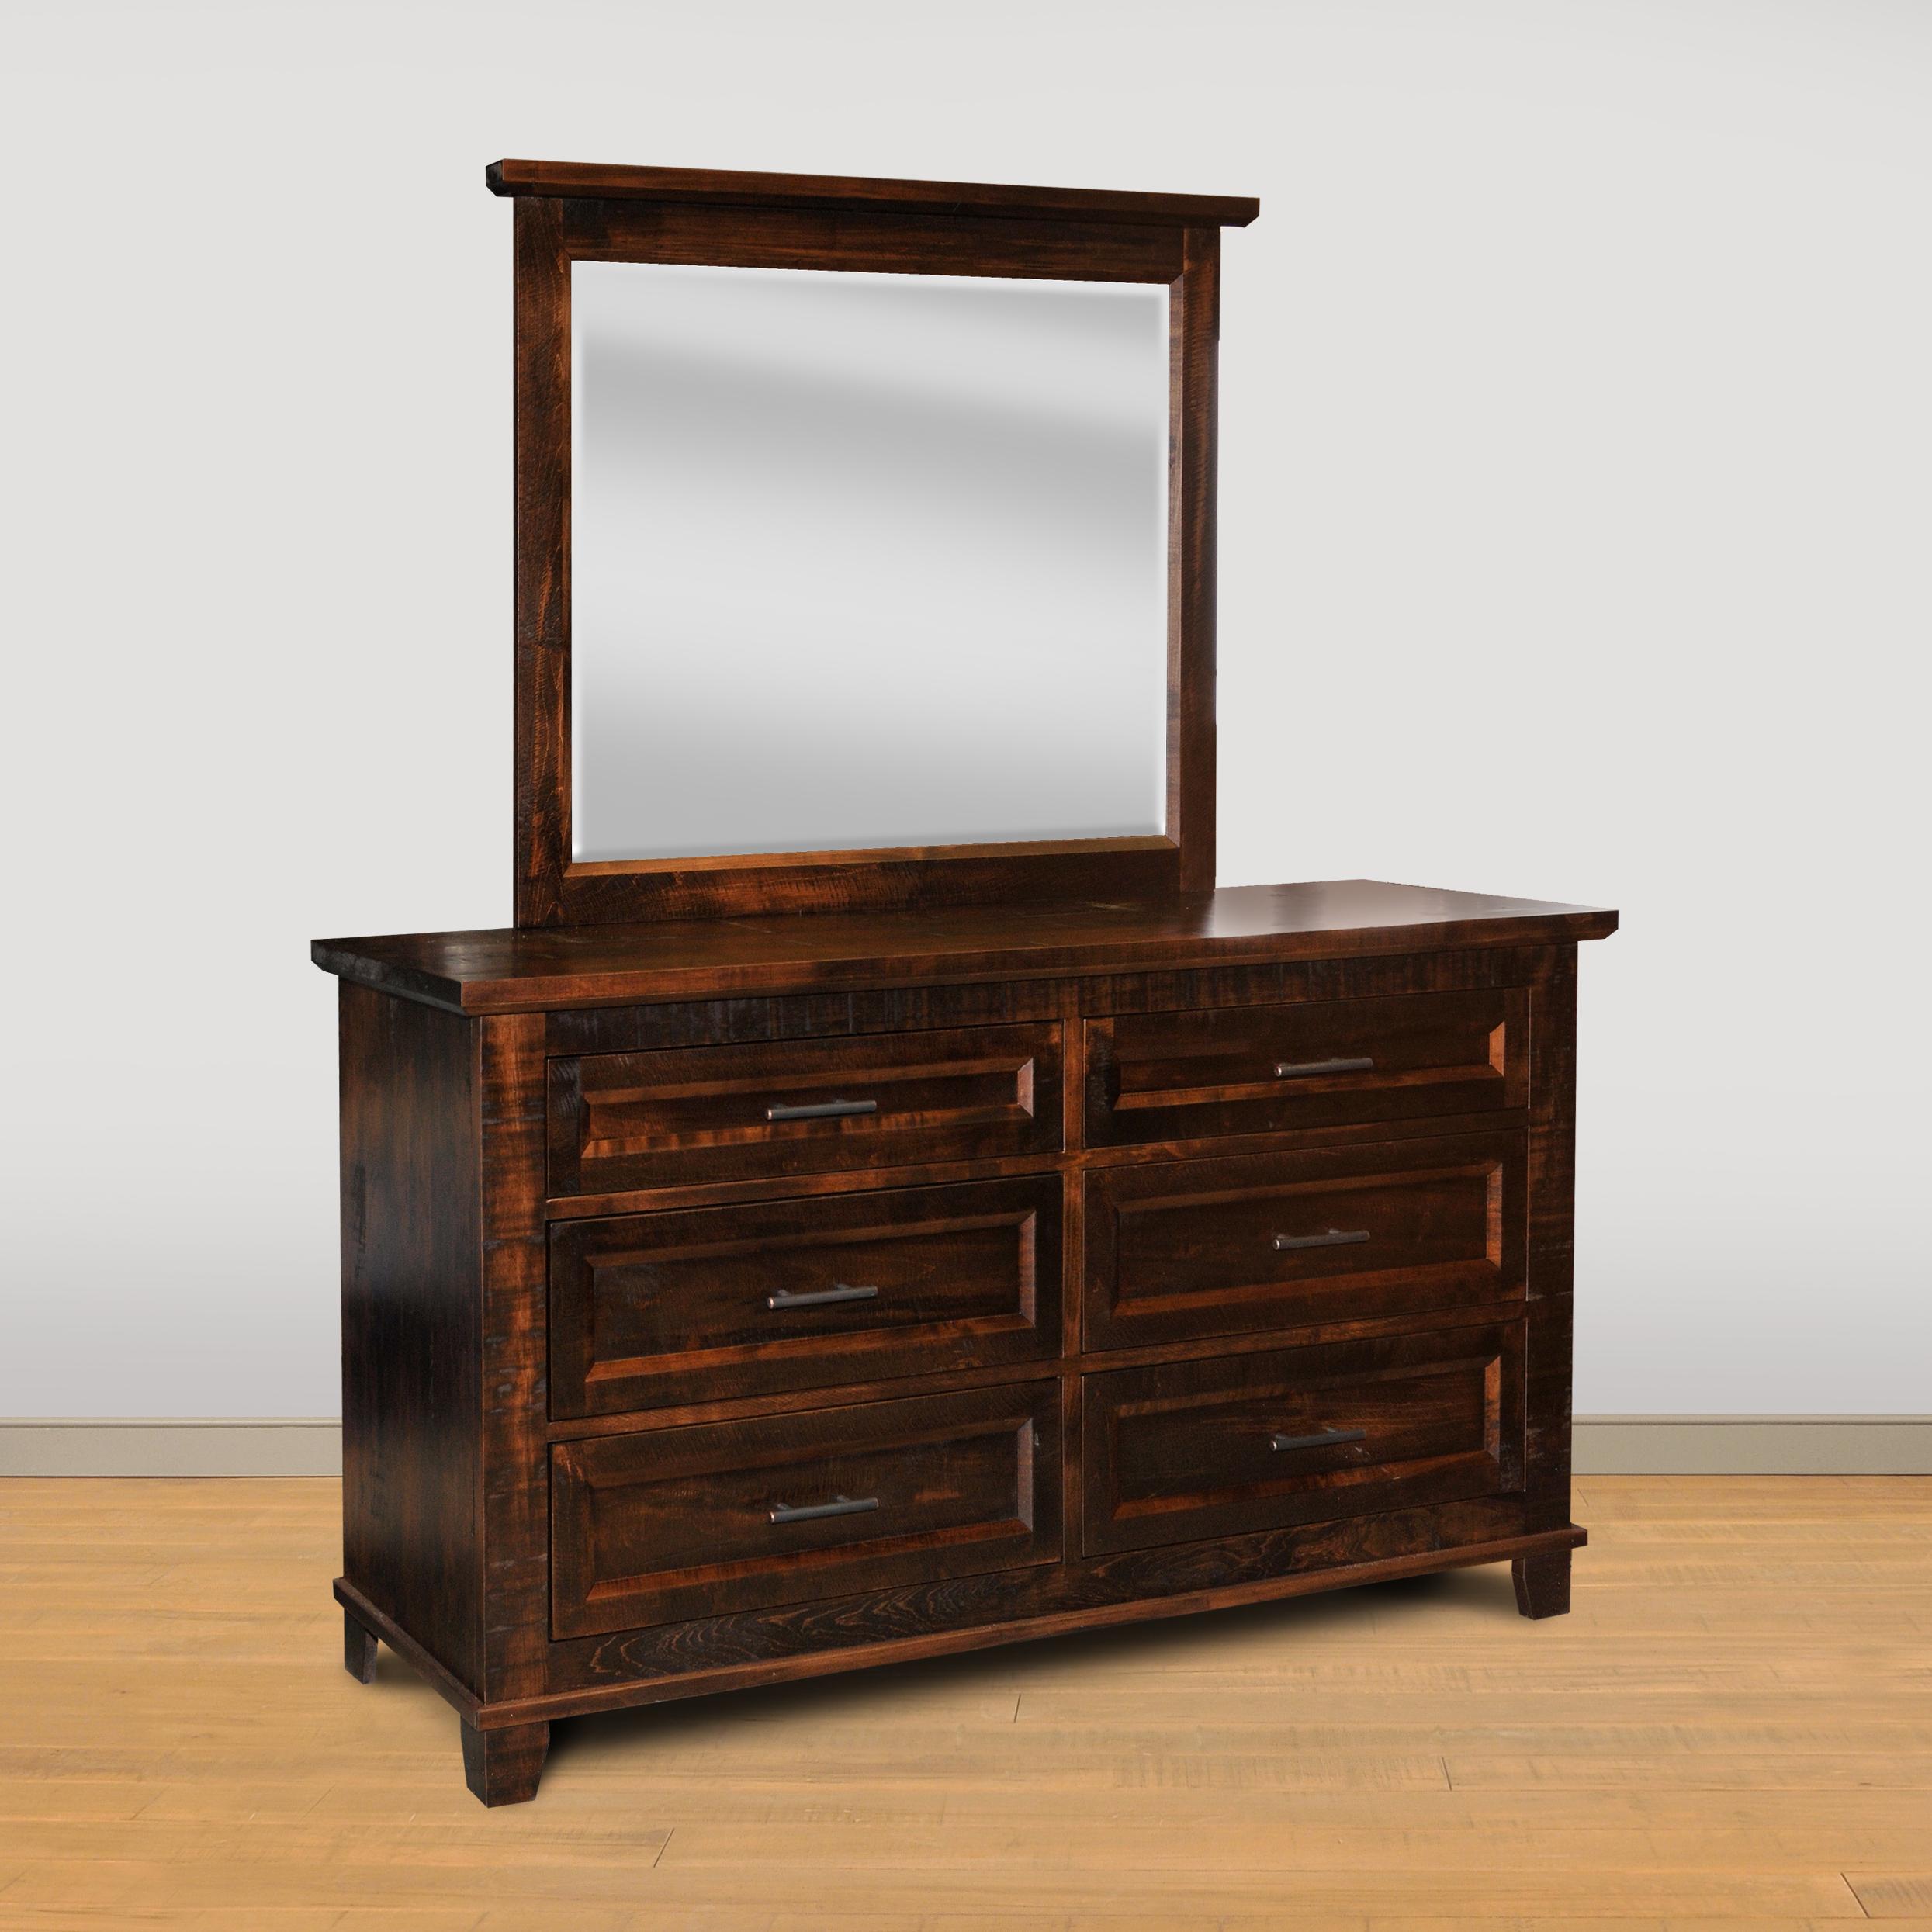 Alqonquin dresser with mirror